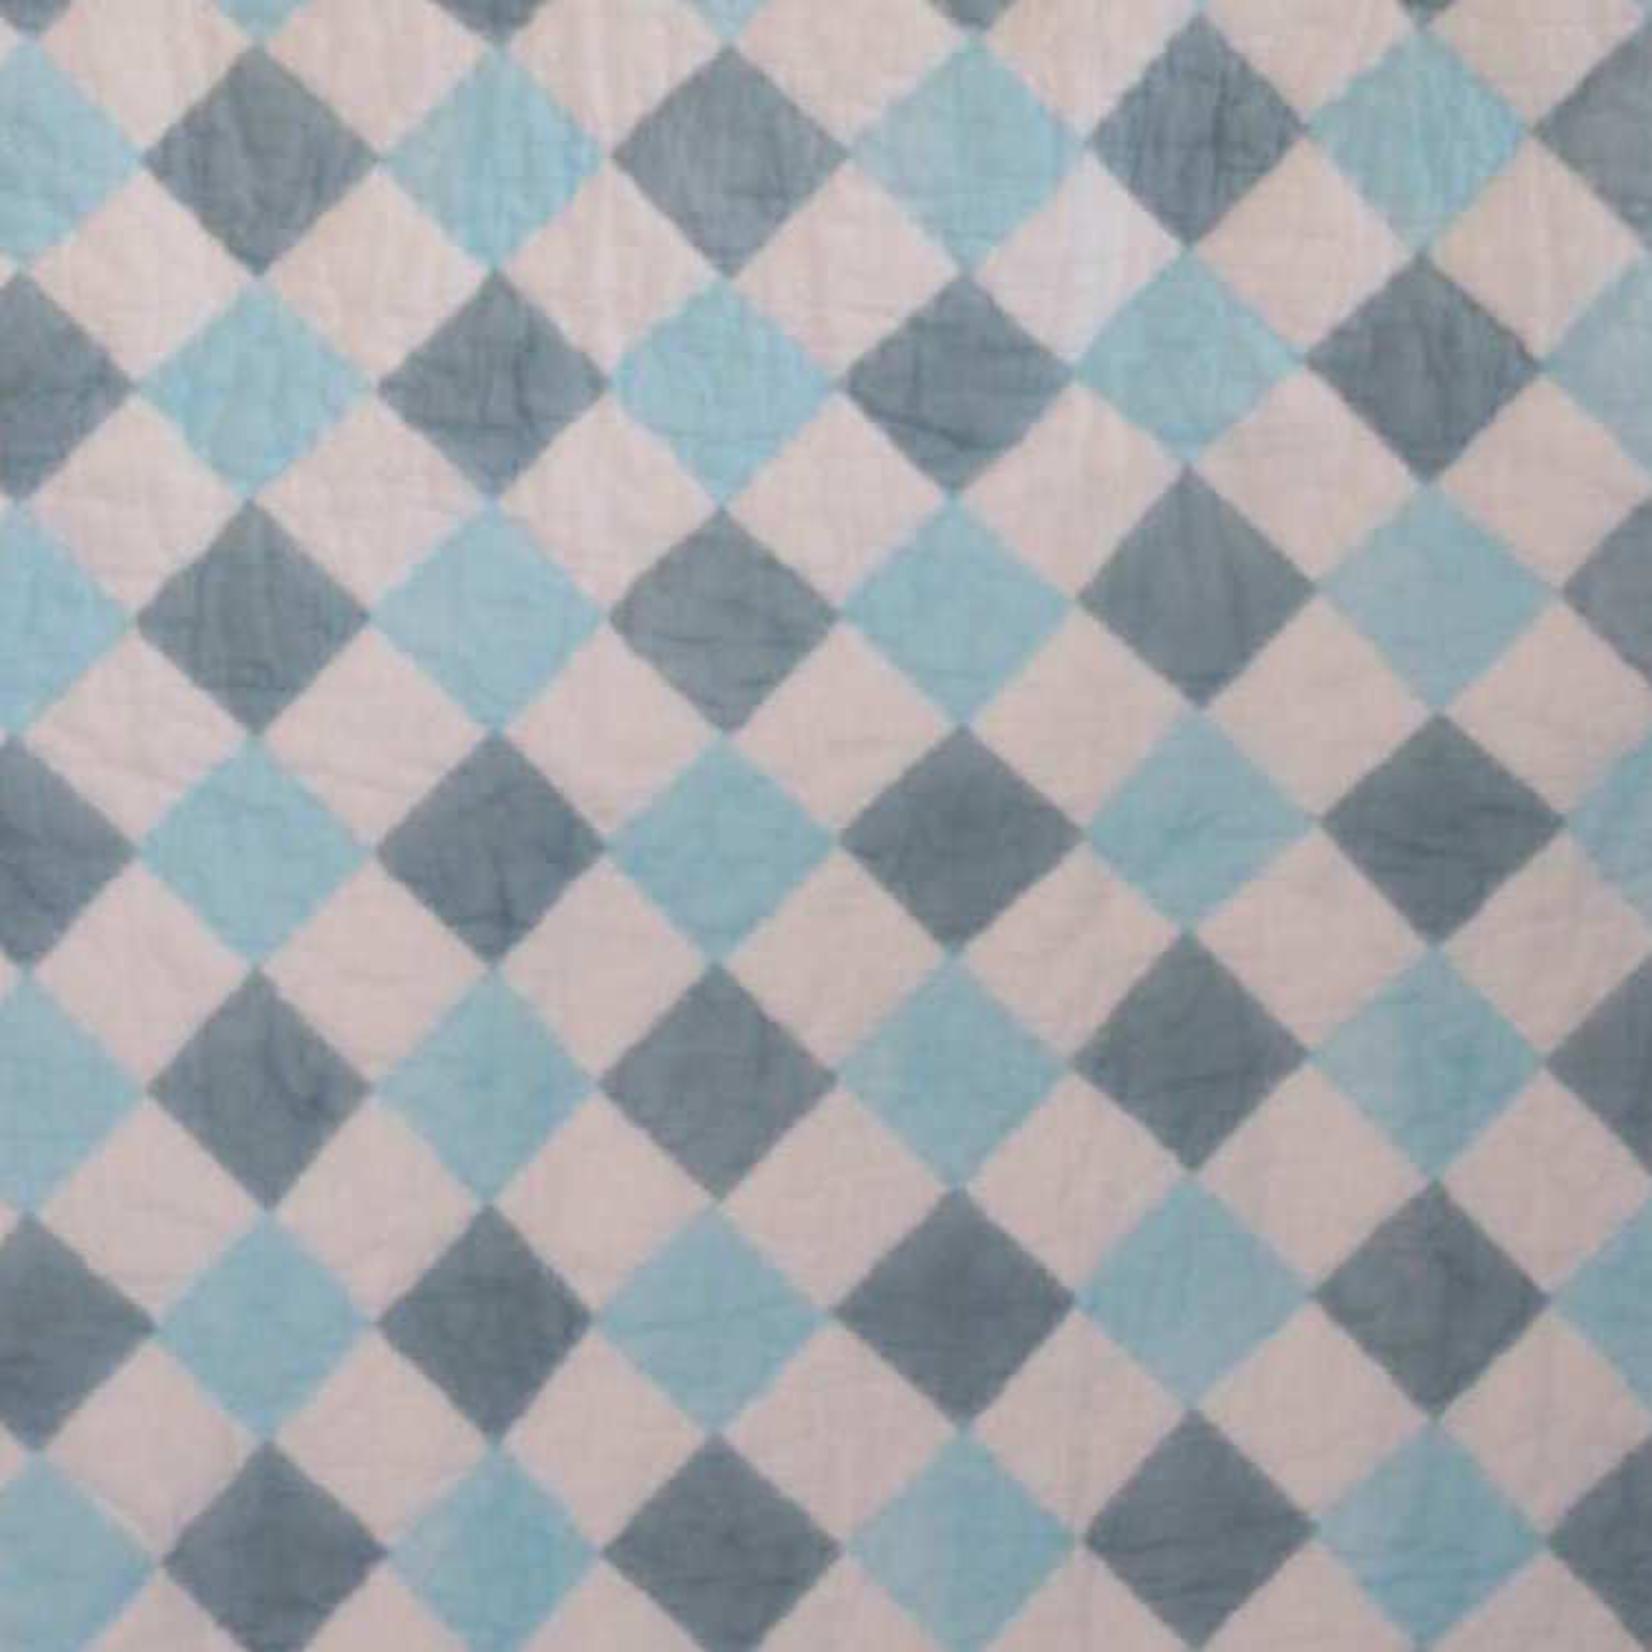 Berties Blankets Berties Blankets Reversible Quilt - blue